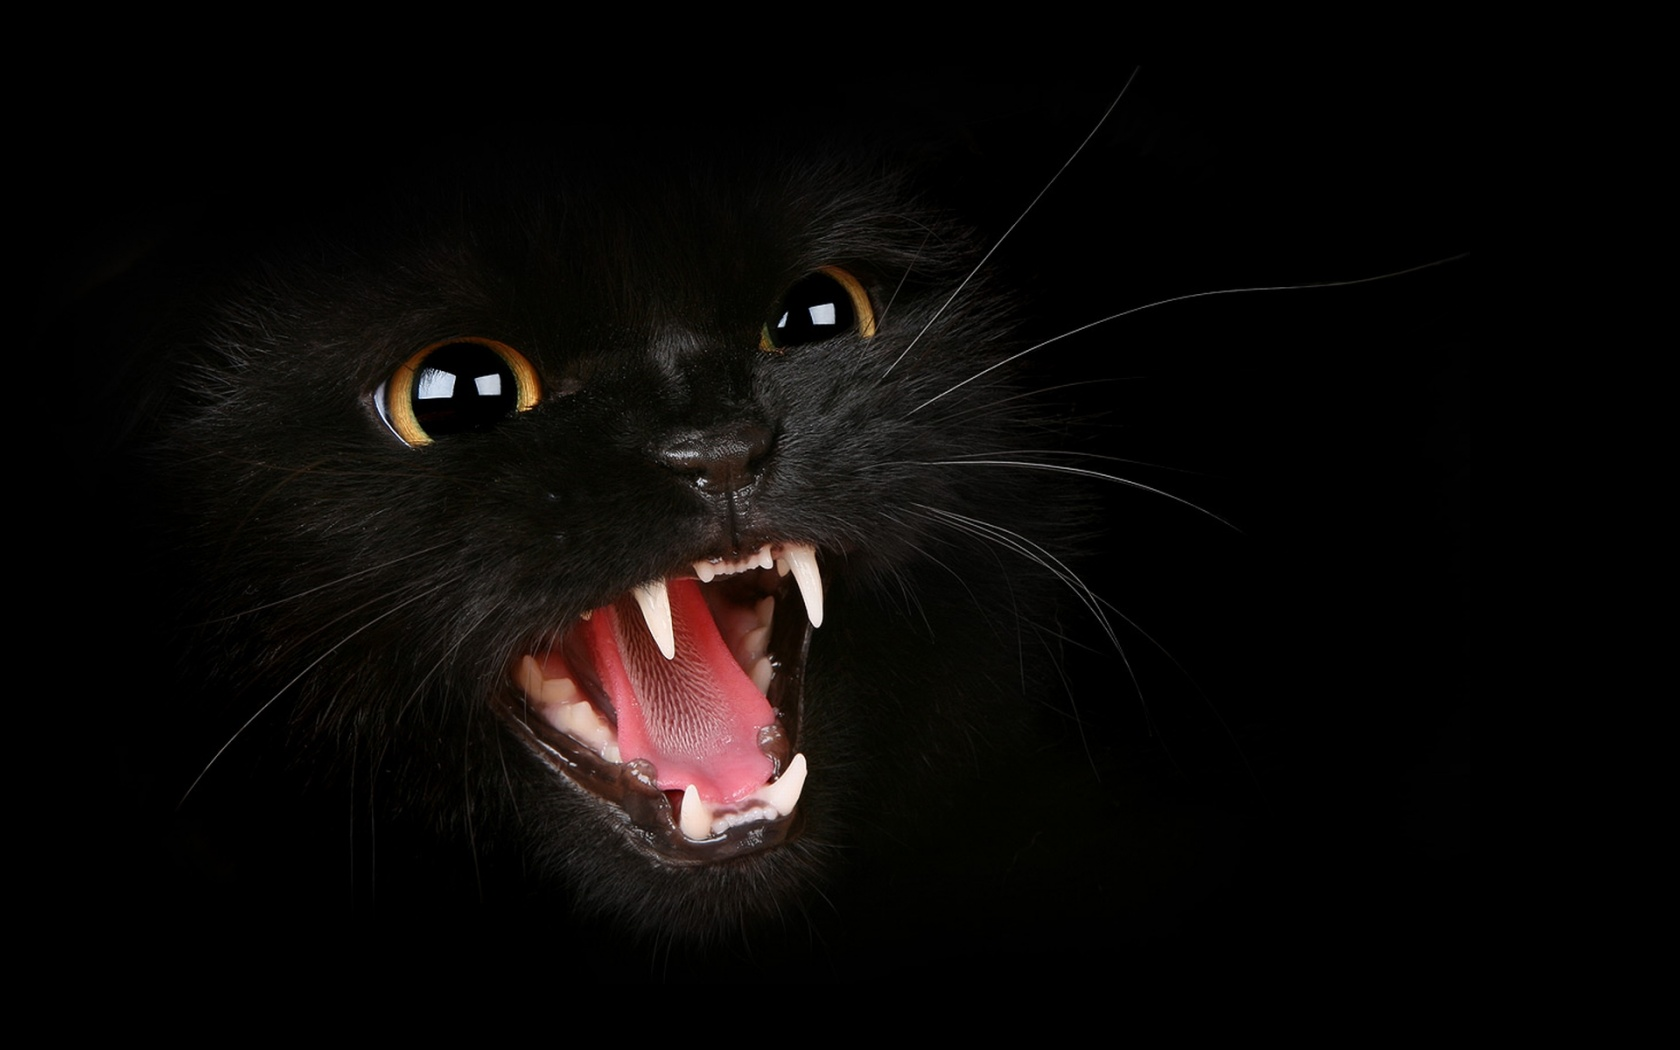 50 Black Cat Wallpaper For Computer On Wallpapersafari